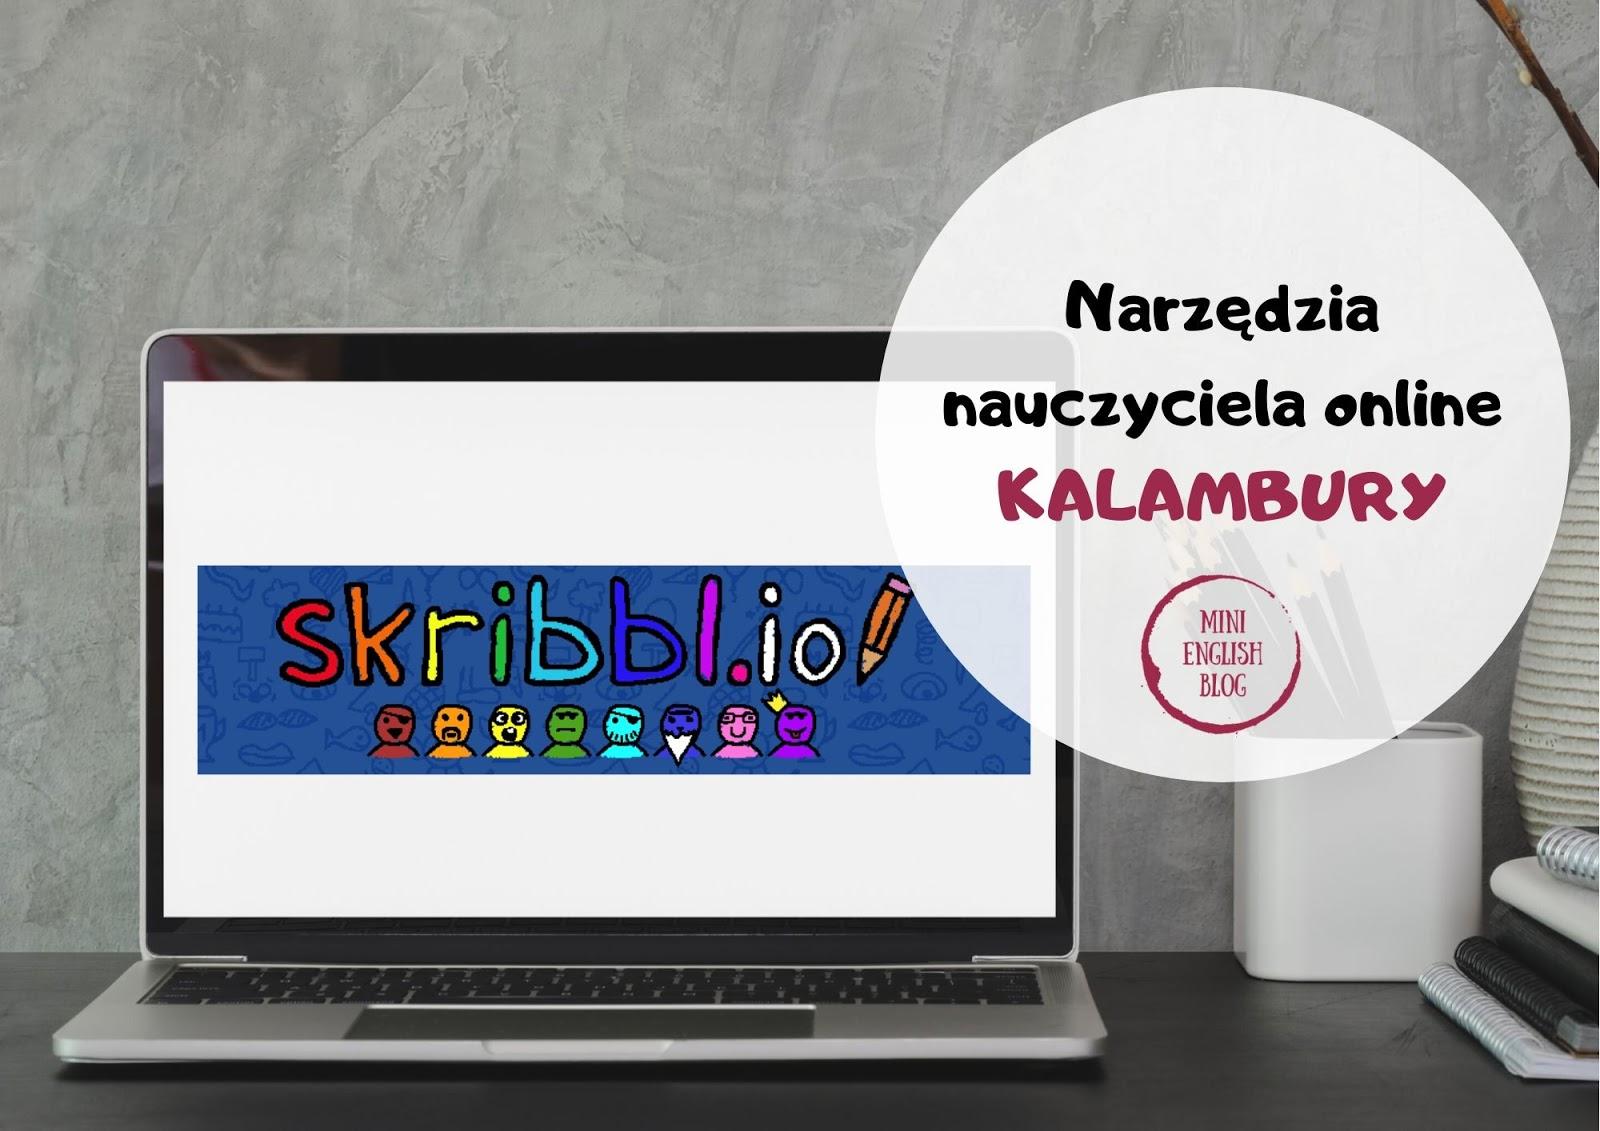 Narzędzia nauczyciela online. Kalambury ze Skribbl.io